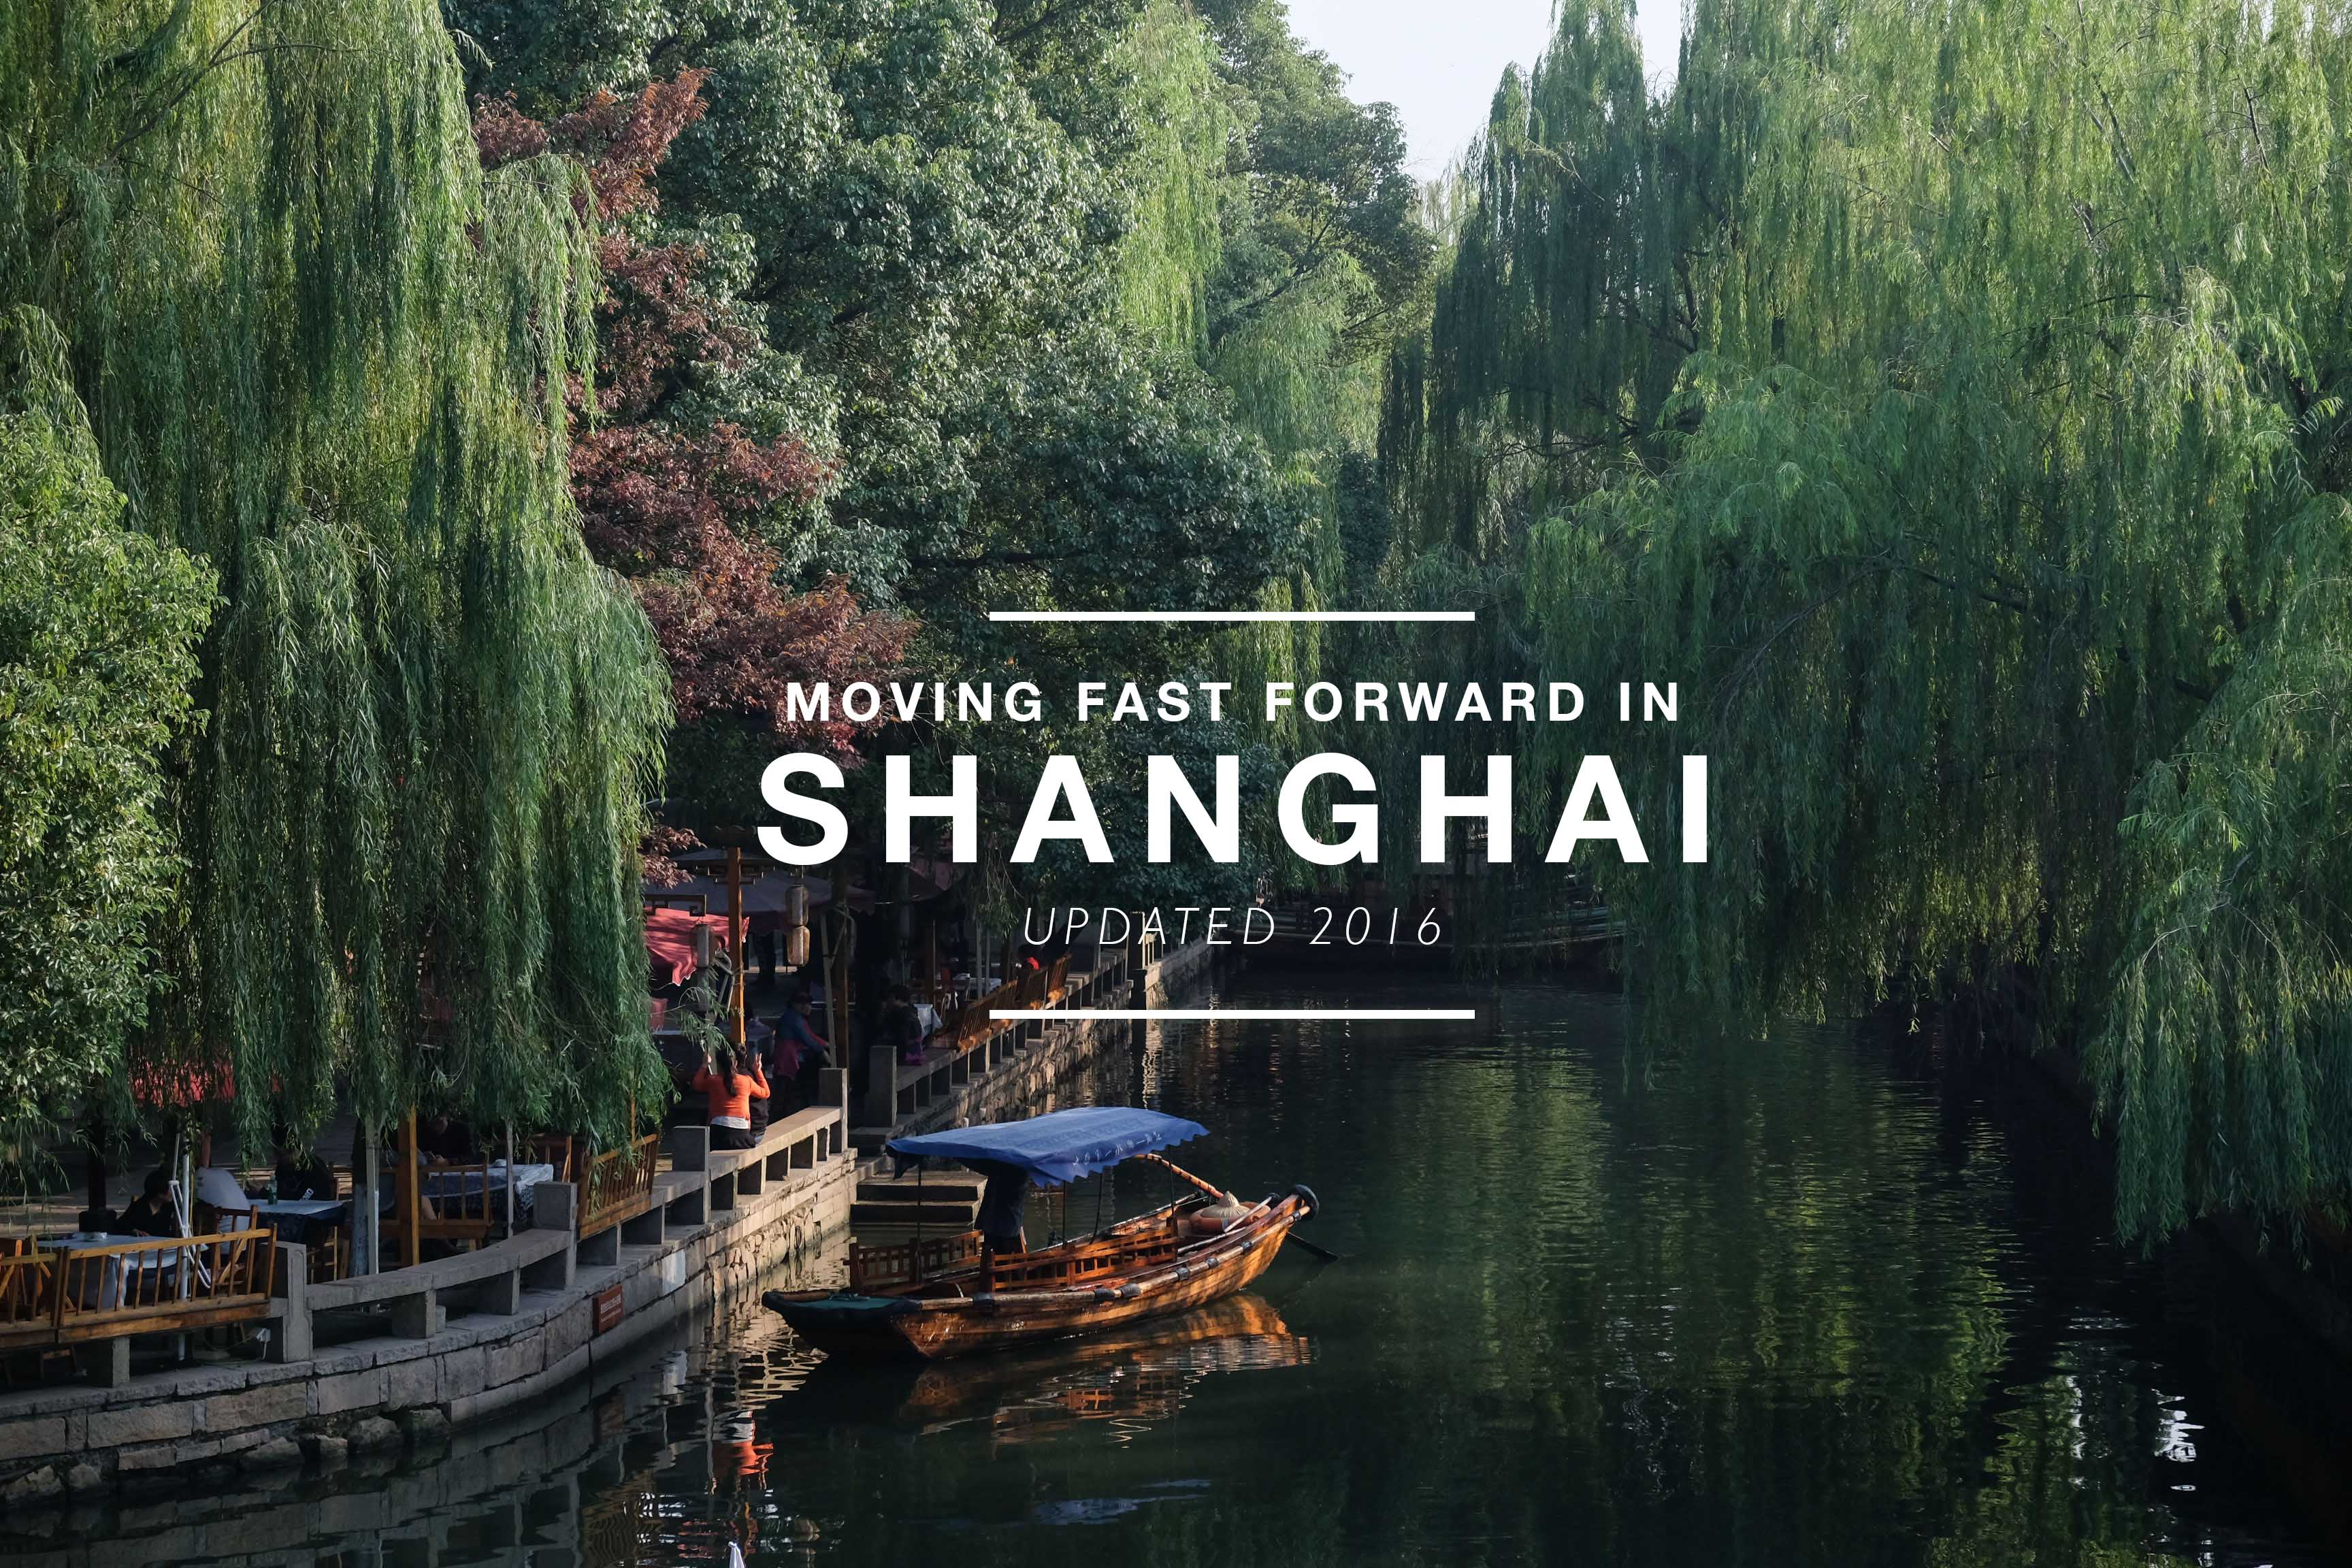 Shanghai 2016, เซี่ยงไฮ้รอบนี้ไม่มีเจ้าพ่อ!